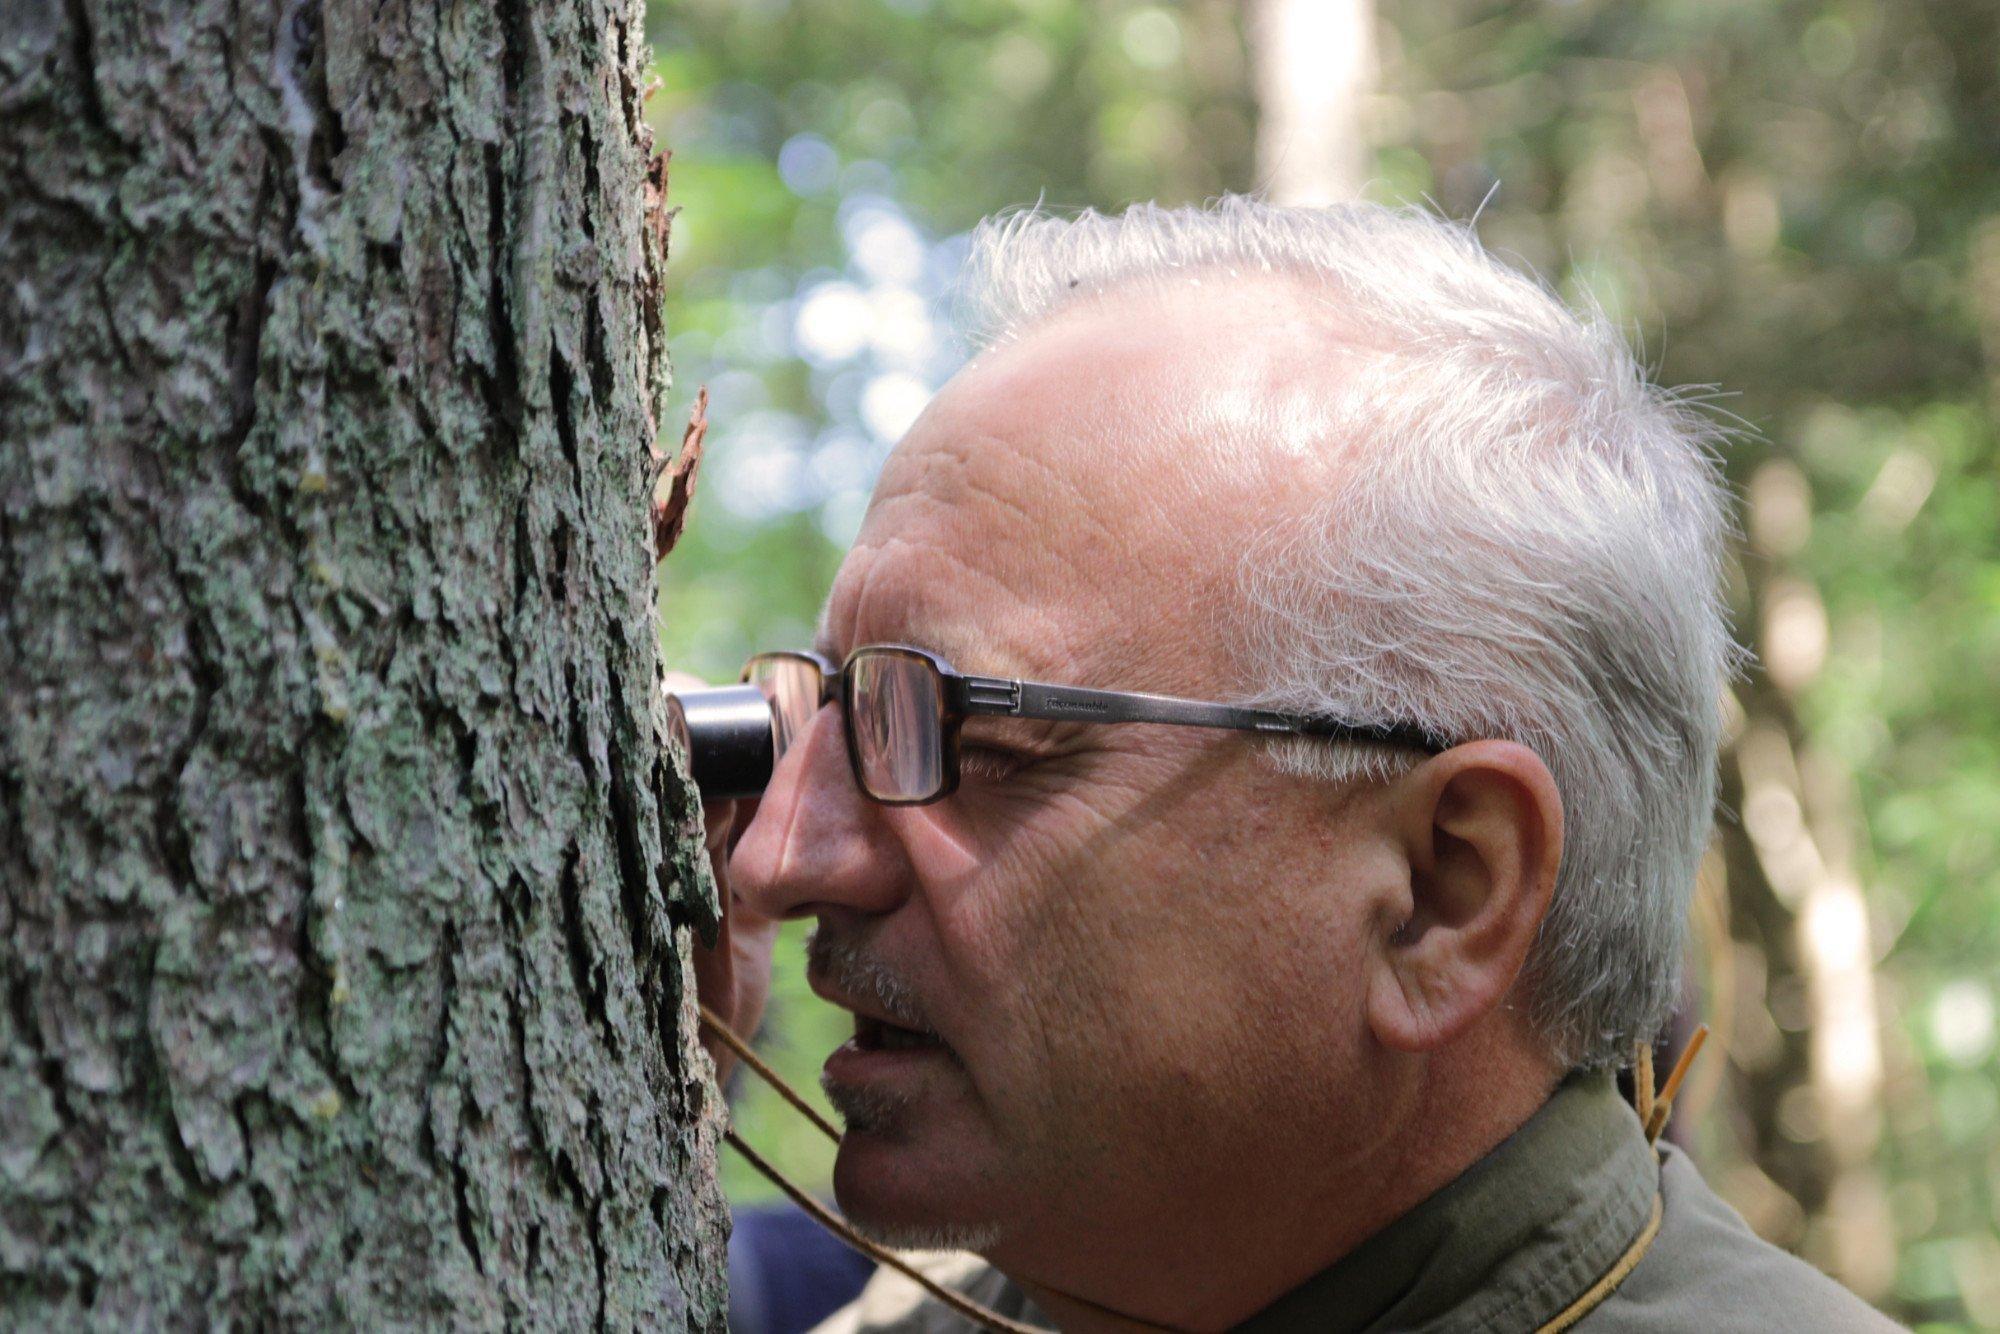 Ein Wissenschaftler steht mit einer Lupe direkt vor einem Baumstamm.